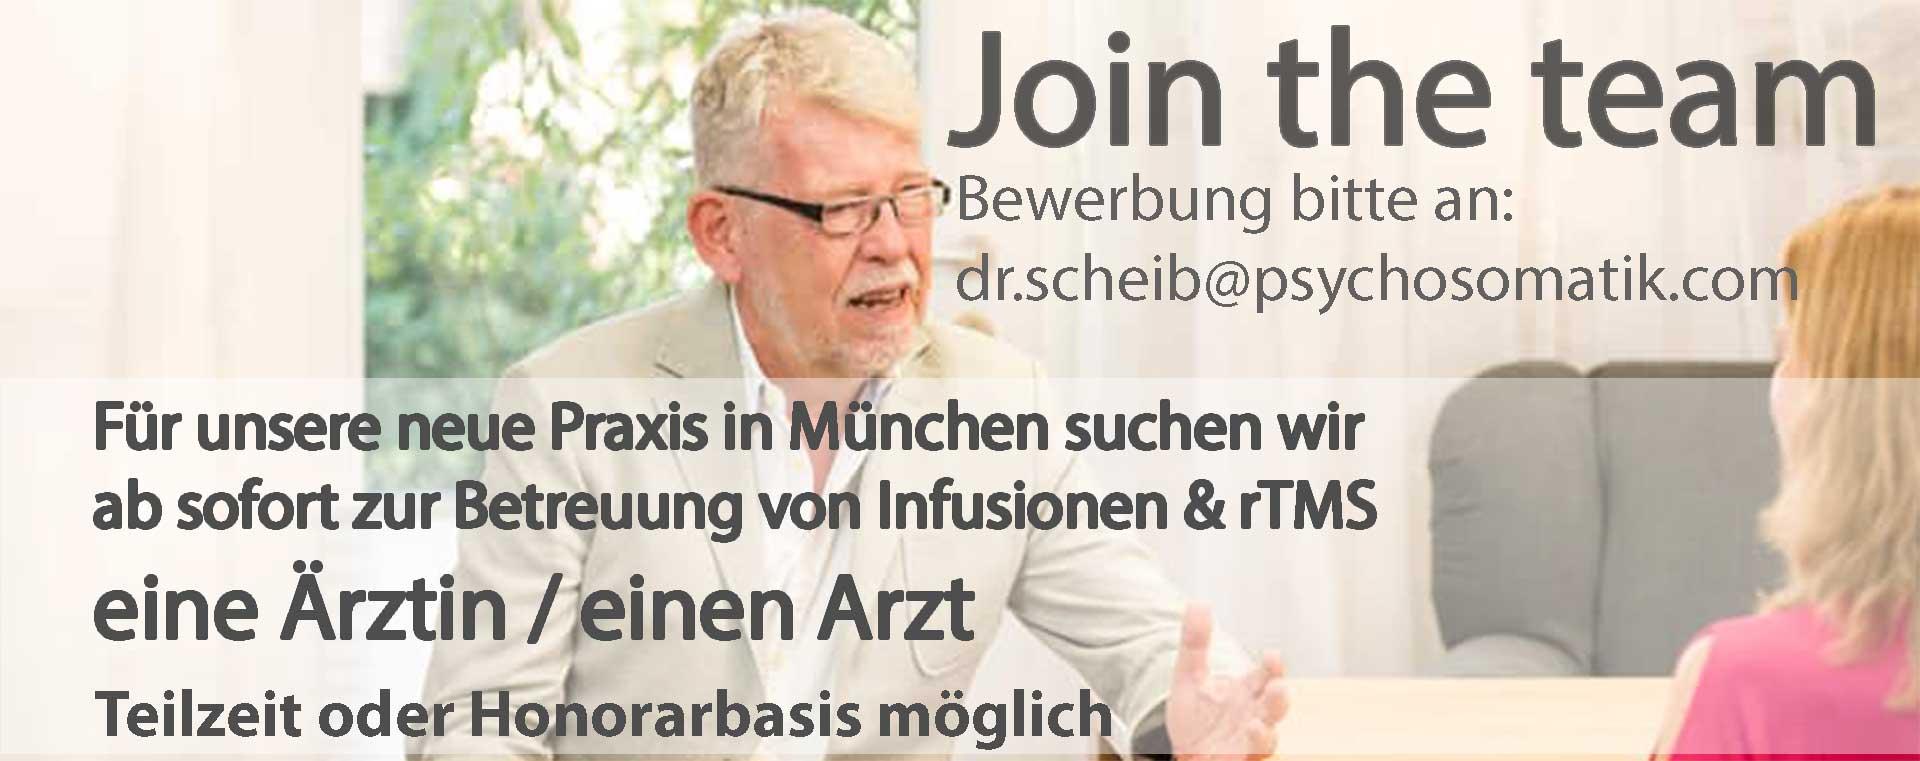 Stellenangebot Praxis München